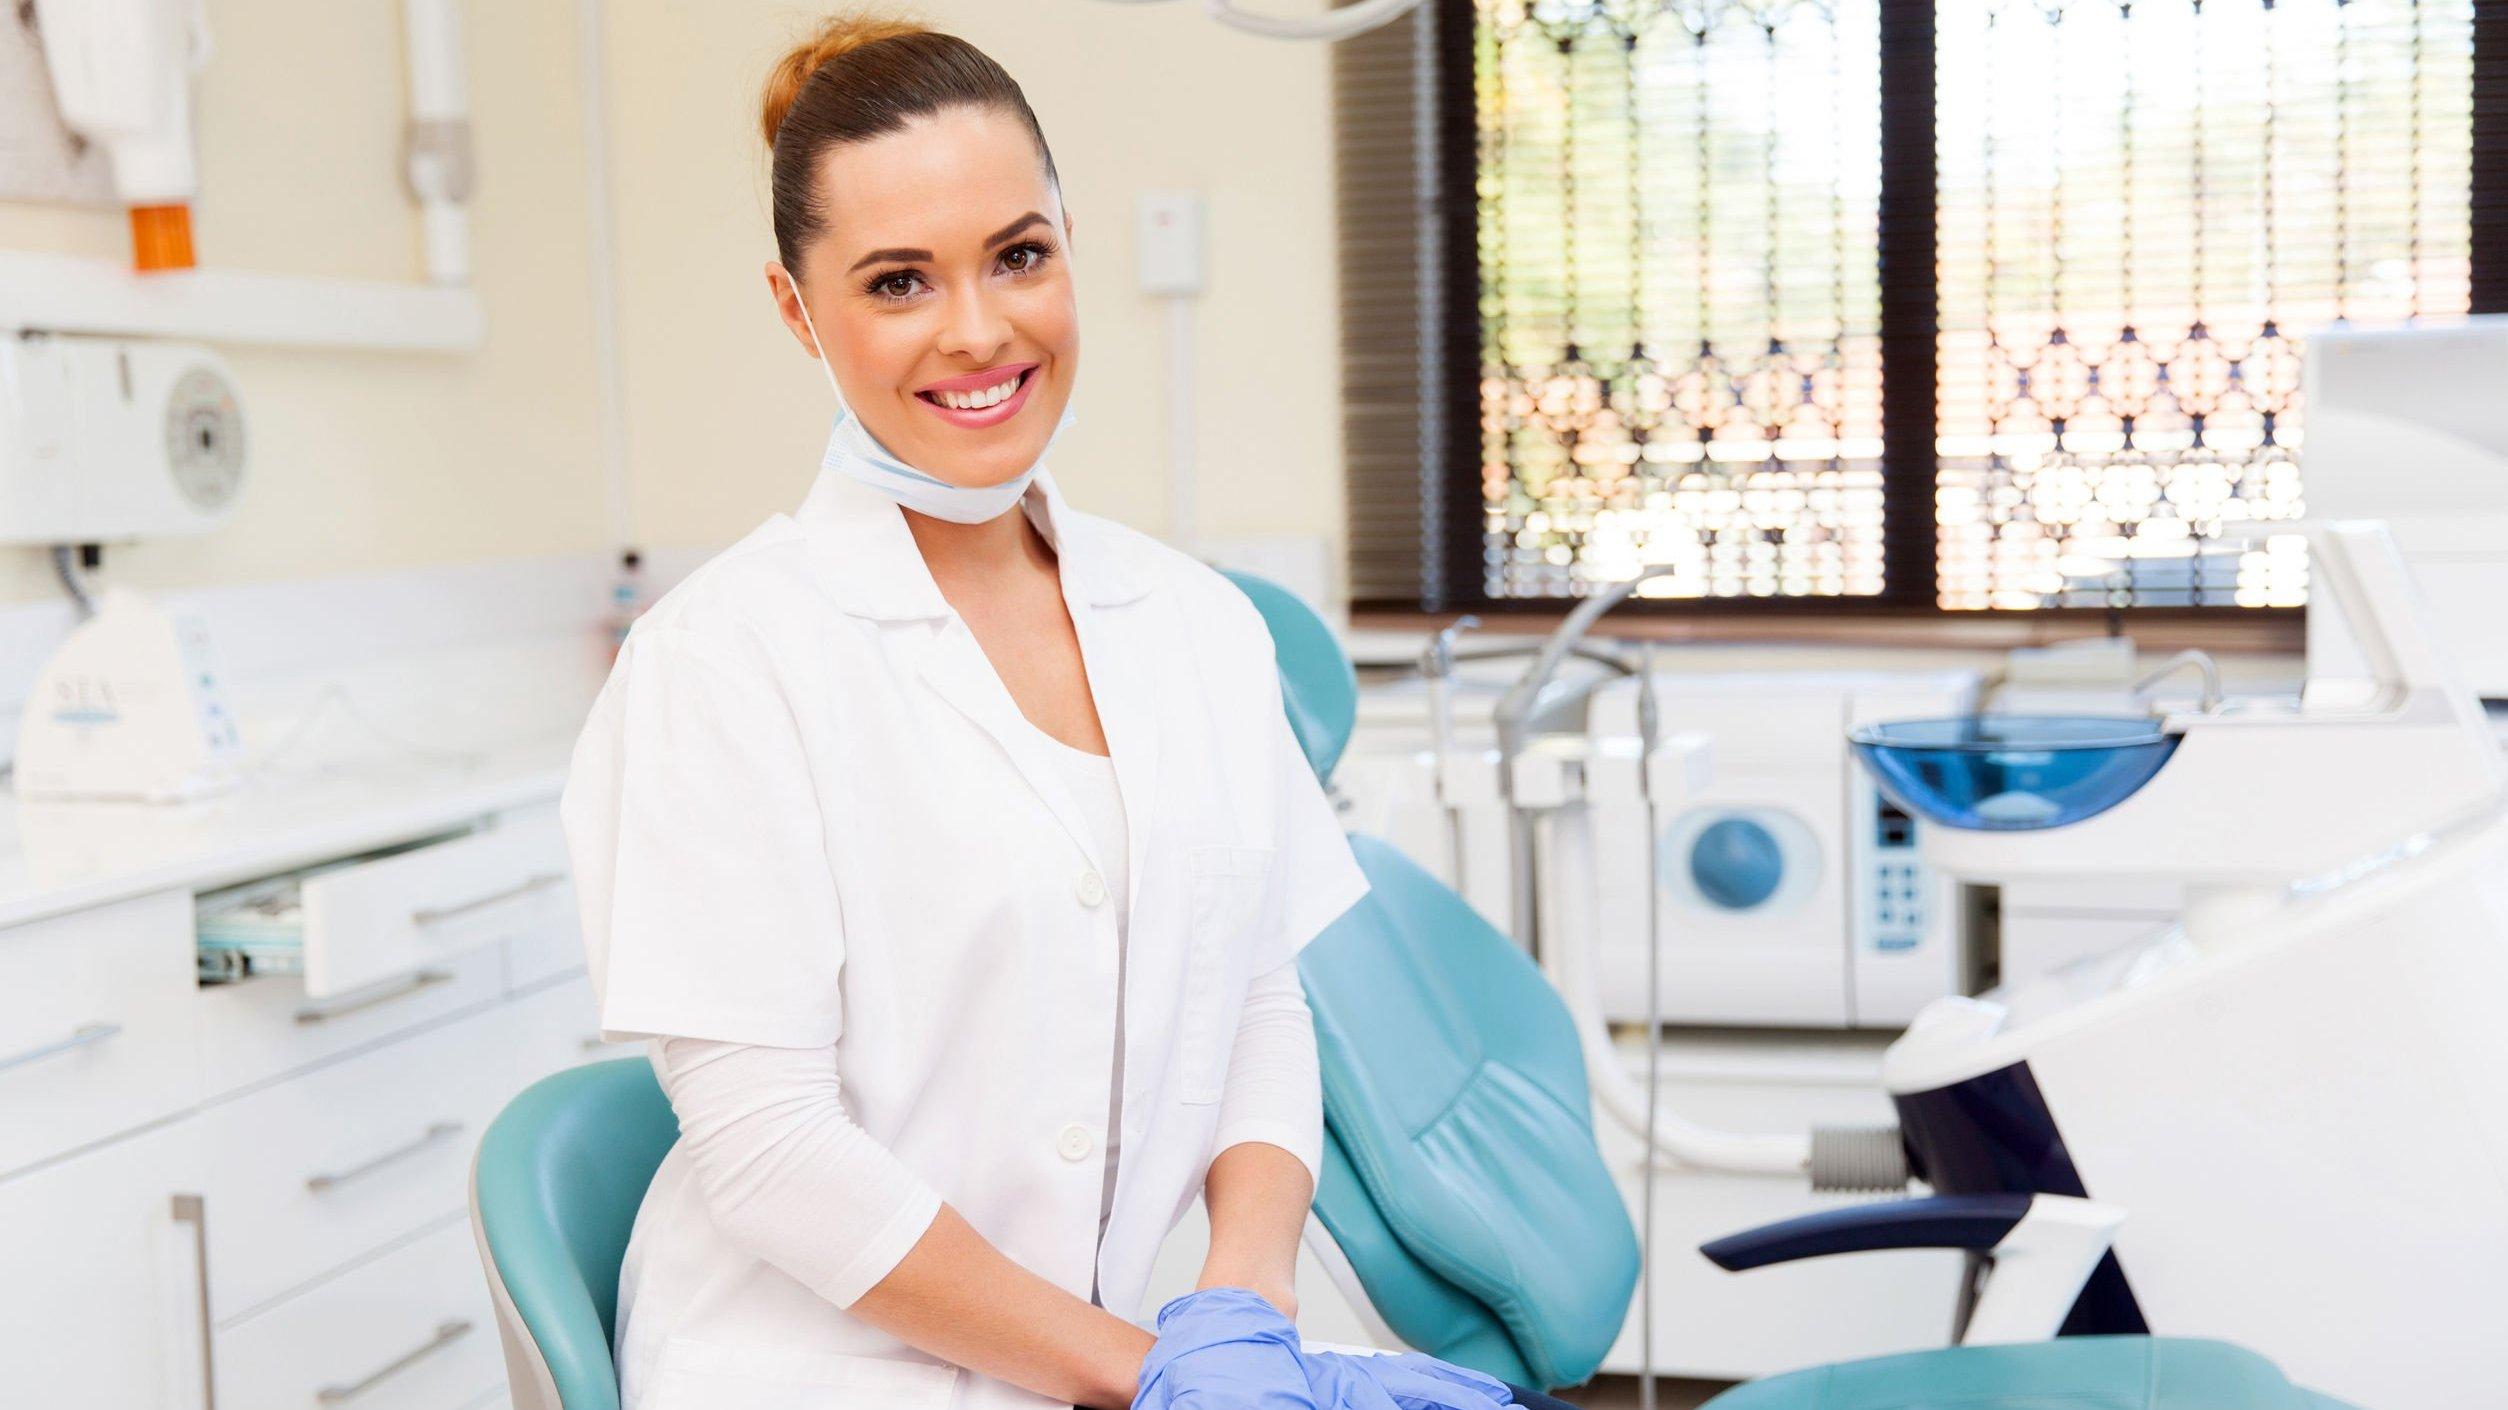 Dentista sorrindo em consultório